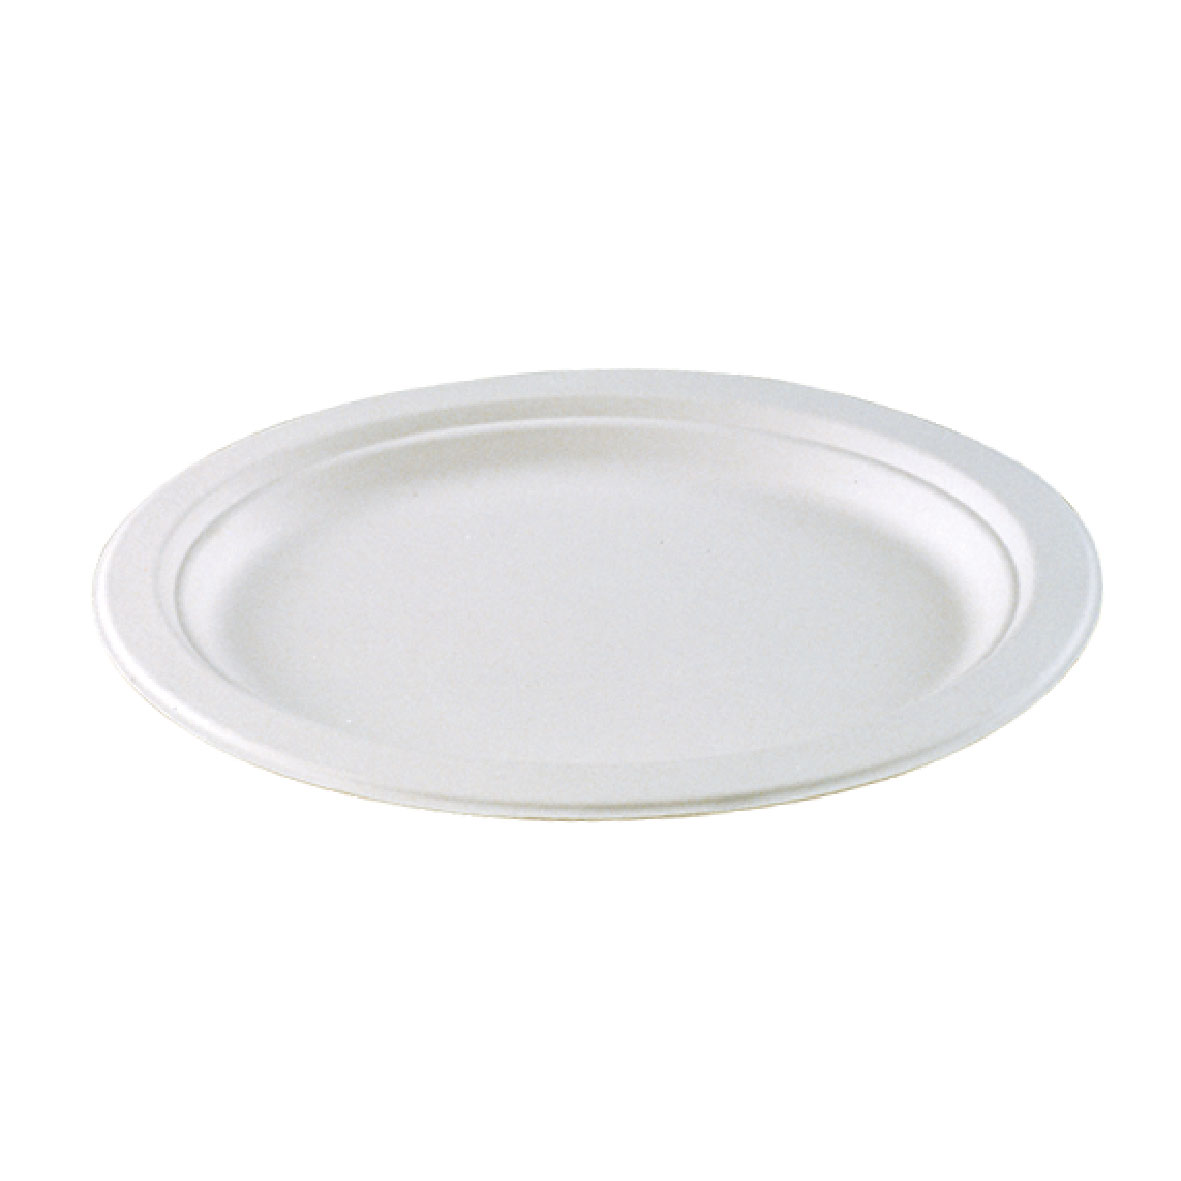 Набор овальных блюд Gracs, биоразлагаемых, цвет: белый, 31,5 х 21,5 см, 10 штDRIW.611.INНабор Gracs состоит из 10 овальных блюд, выполненных из экологически чистого материала - сахарного тростника. Материал не содержит токсинов и канцерогенов. Набор Gracs можно использовать как для холодных, так и для горячих продуктов.Набор можно использовать в микроволновой печи.Одноразовая биоразлагаемая посуда Gracs- полезно для здоровья, безопасно для окружающей среды!Размер блюда: 31,5 см x 21,5 см x 2 см.